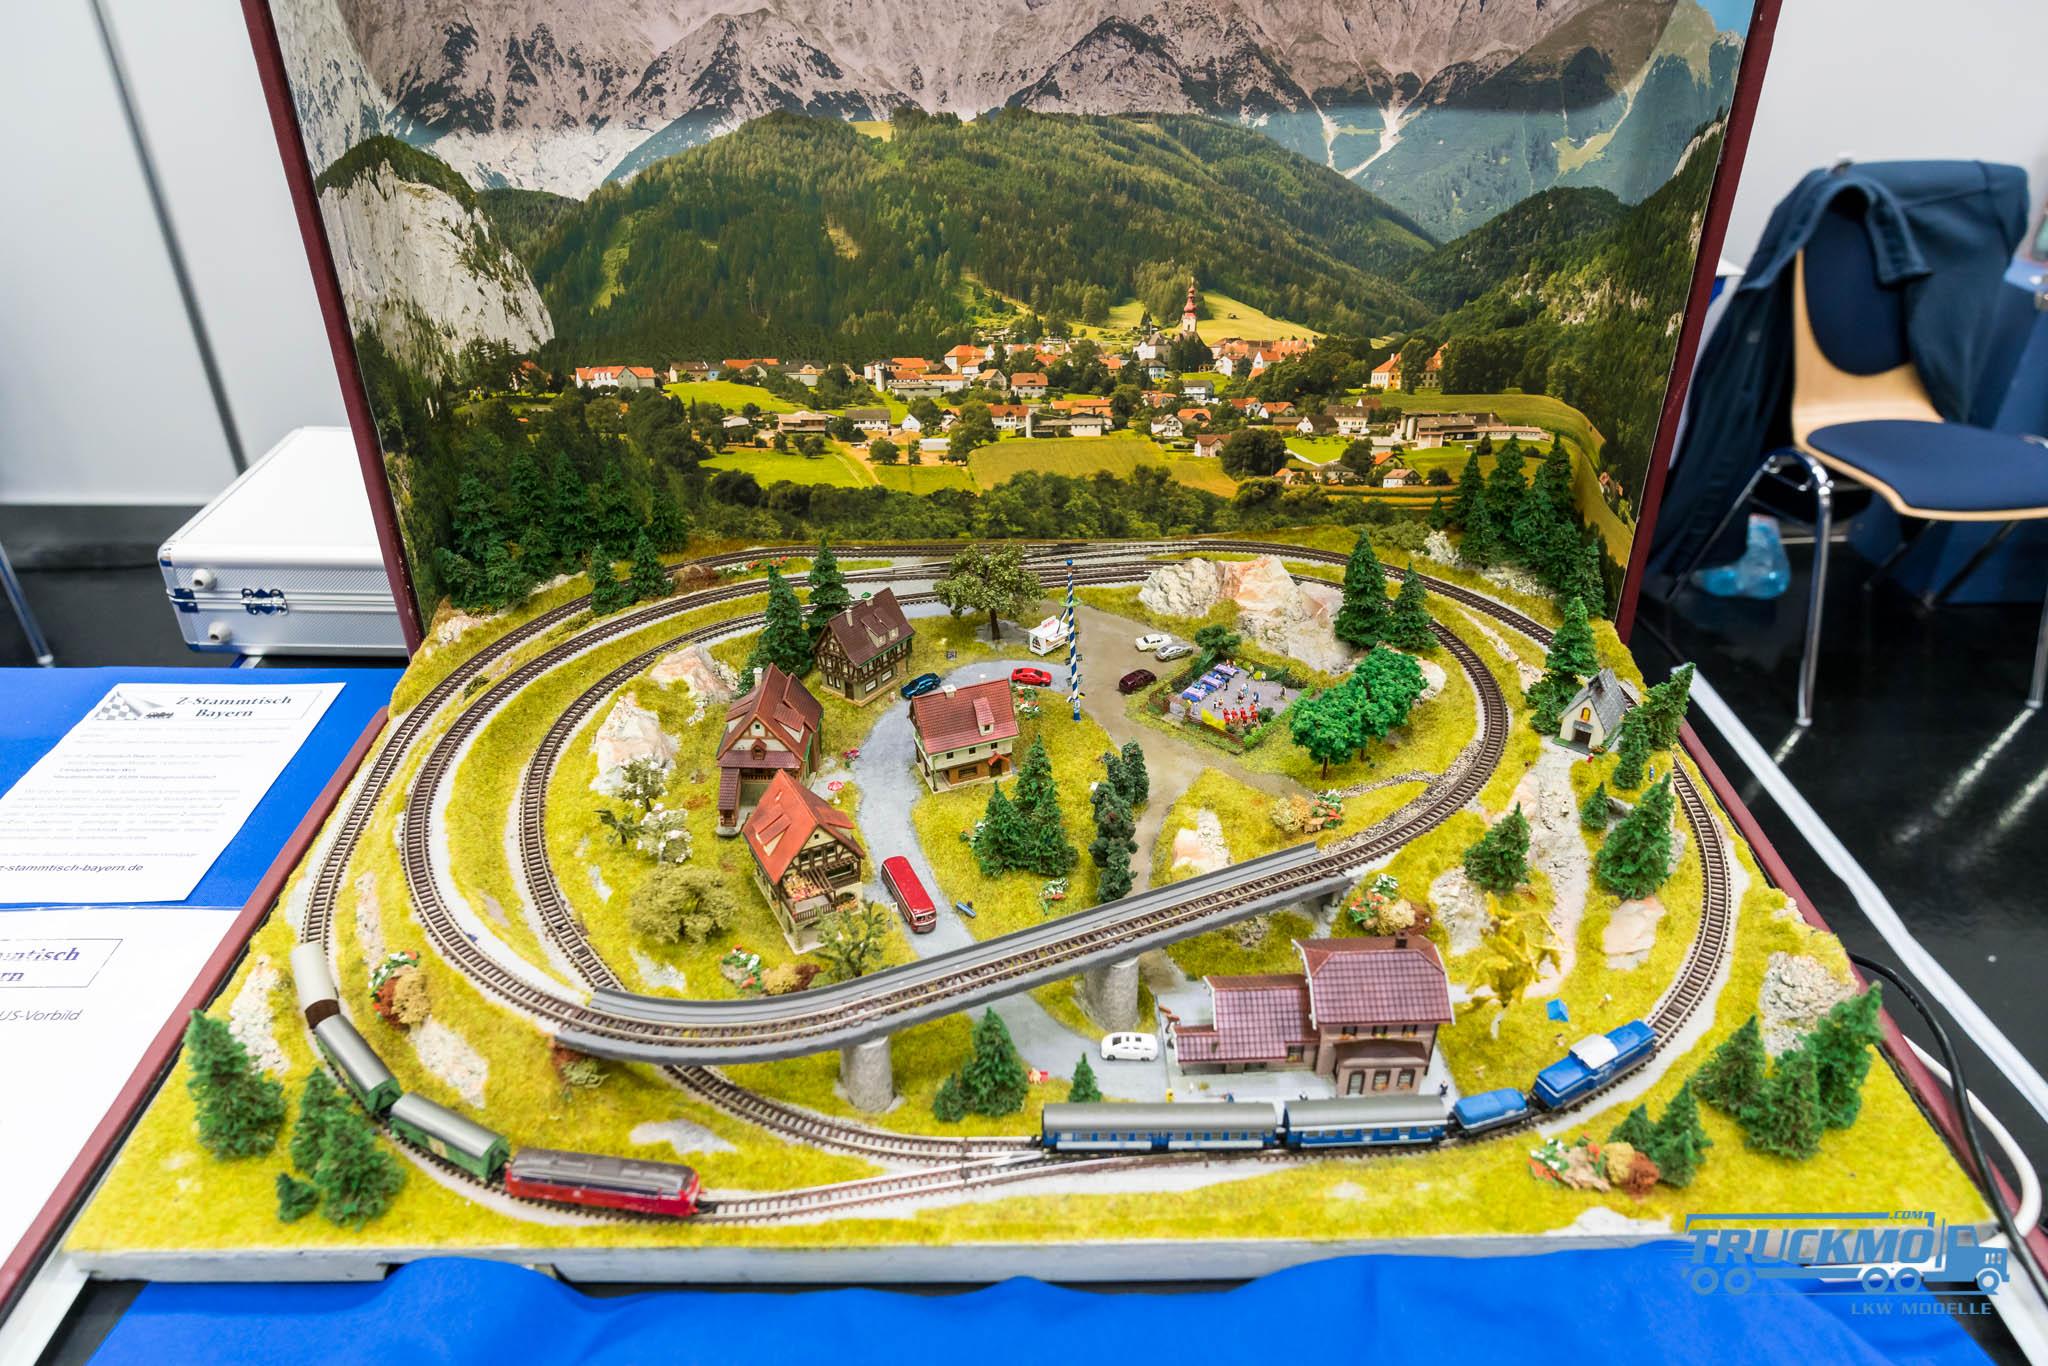 Truckmo_Modellbau_Ried_2017_Herpa_Messe_Modellbauausstellung (107 von 1177)